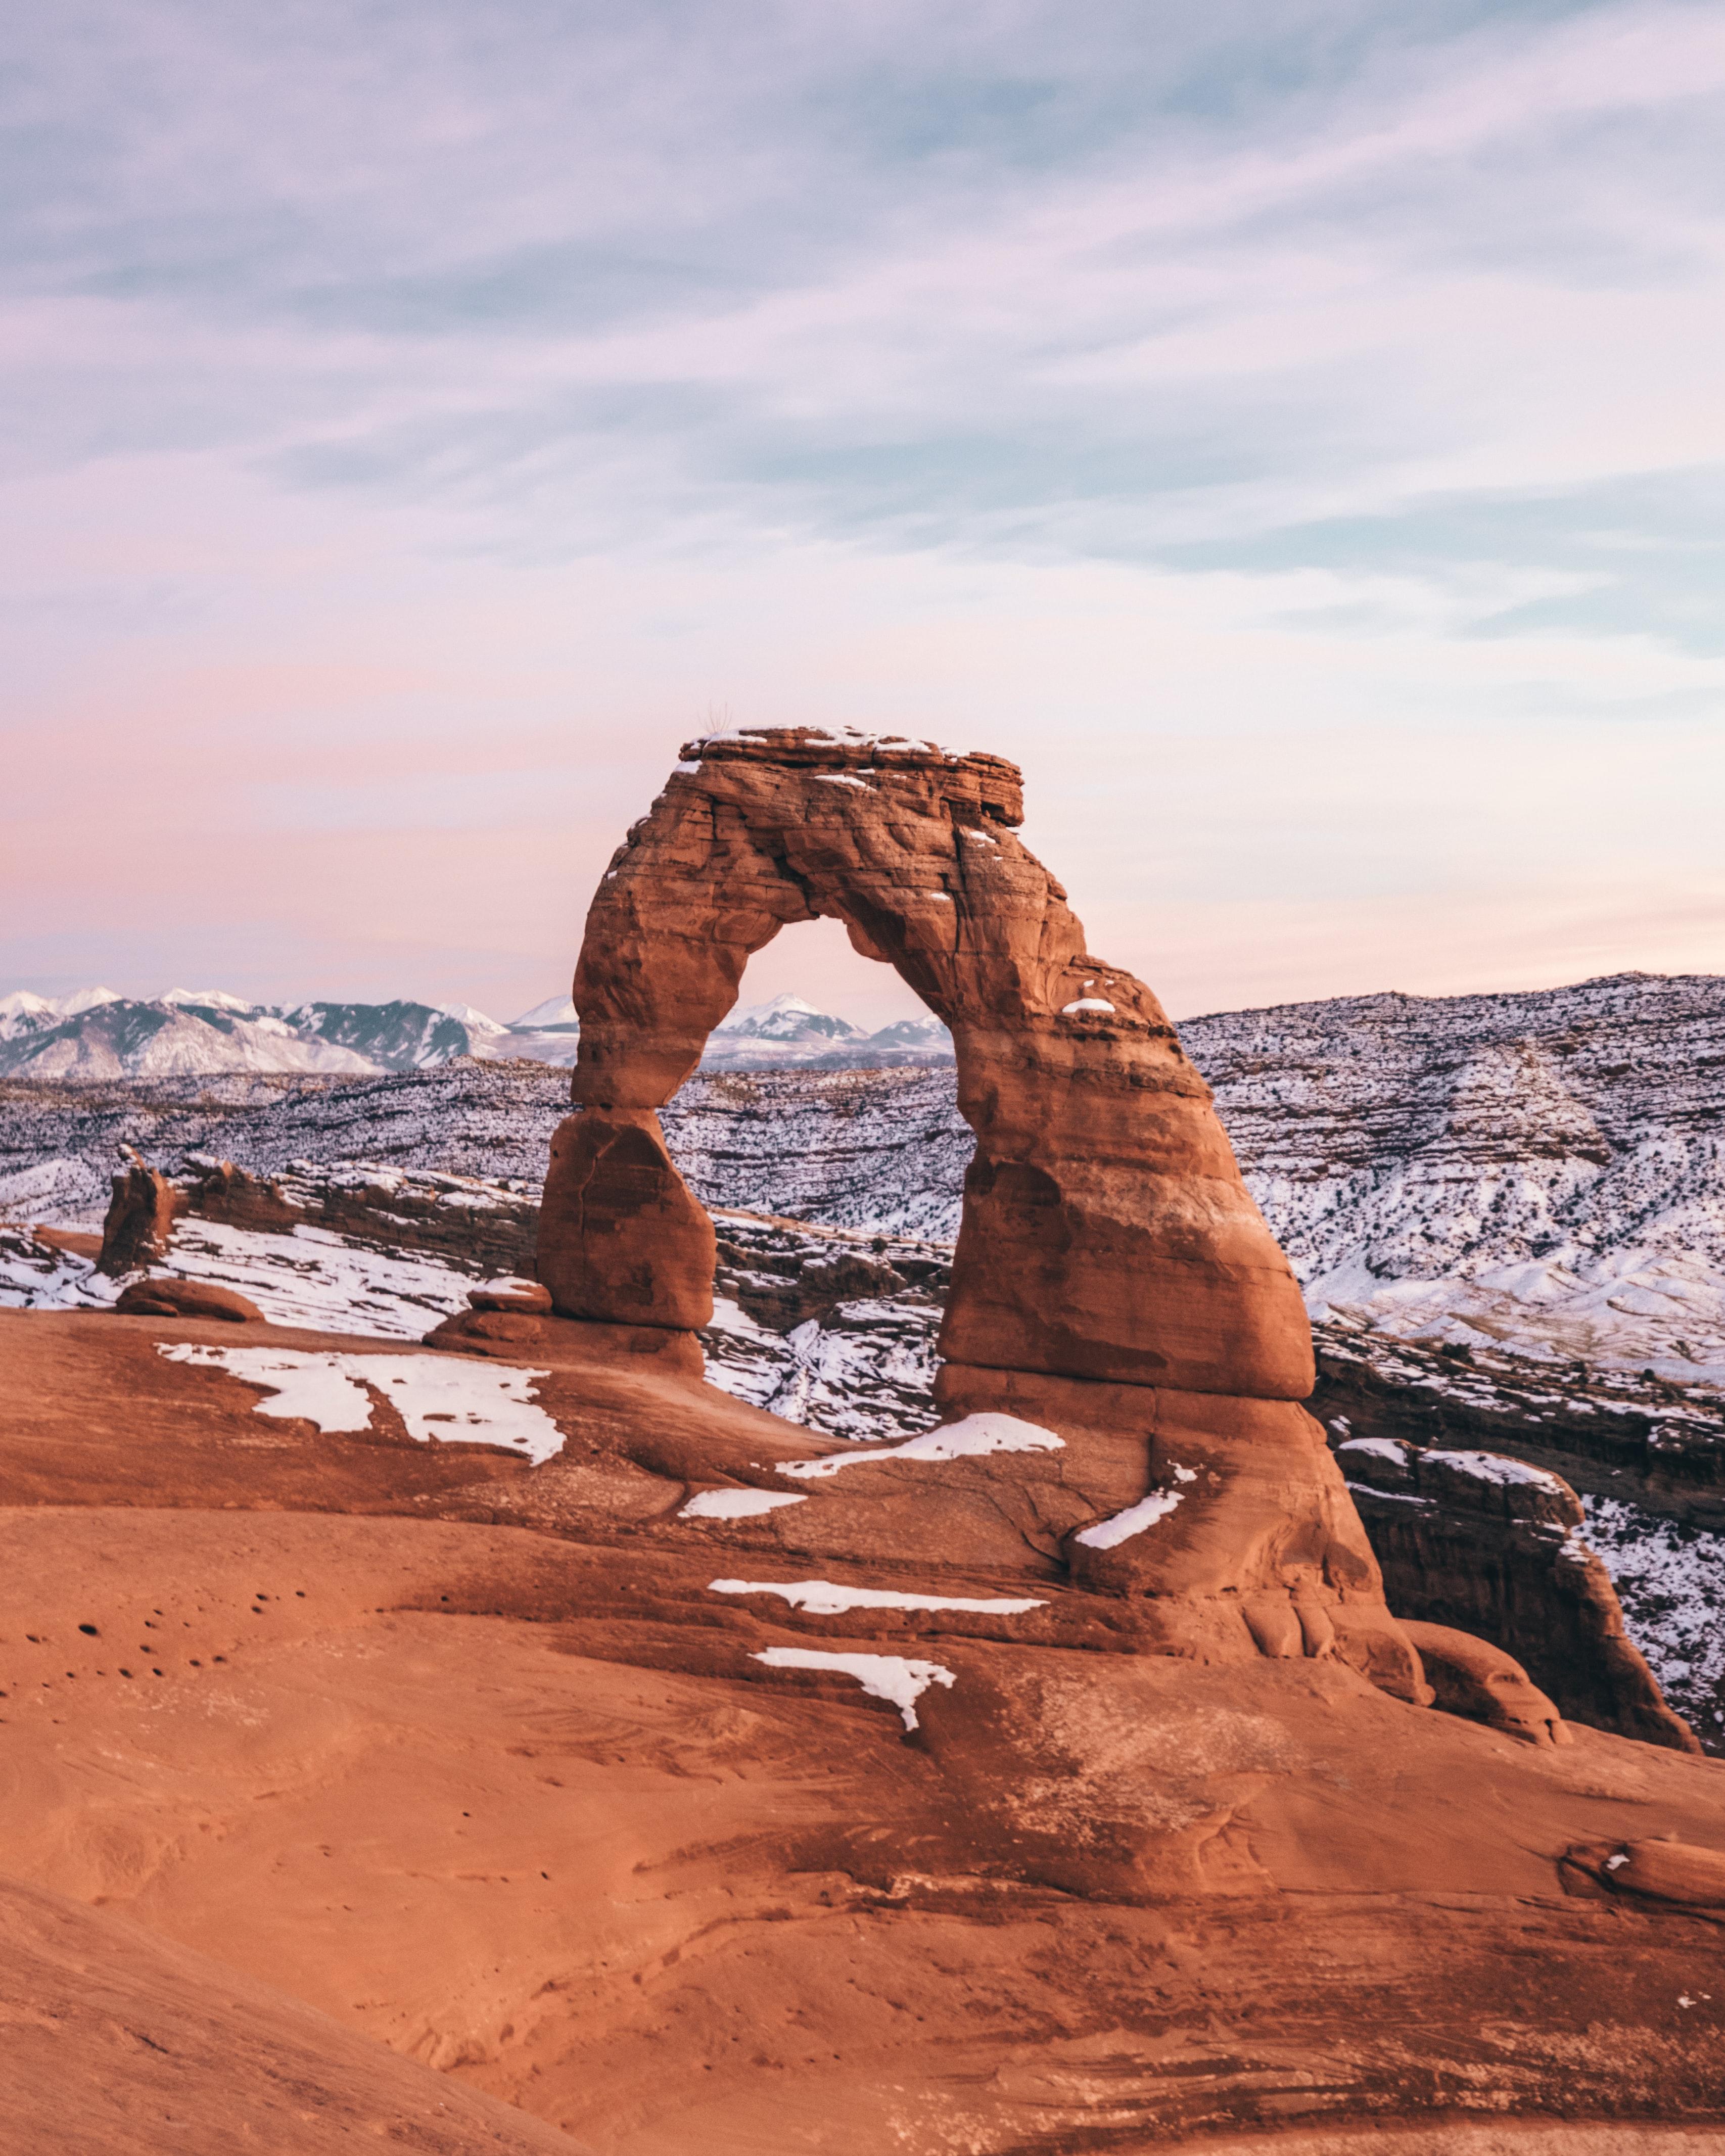 68218 скачать обои Природа, Скала, Арка, Снег, Пейзаж - заставки и картинки бесплатно